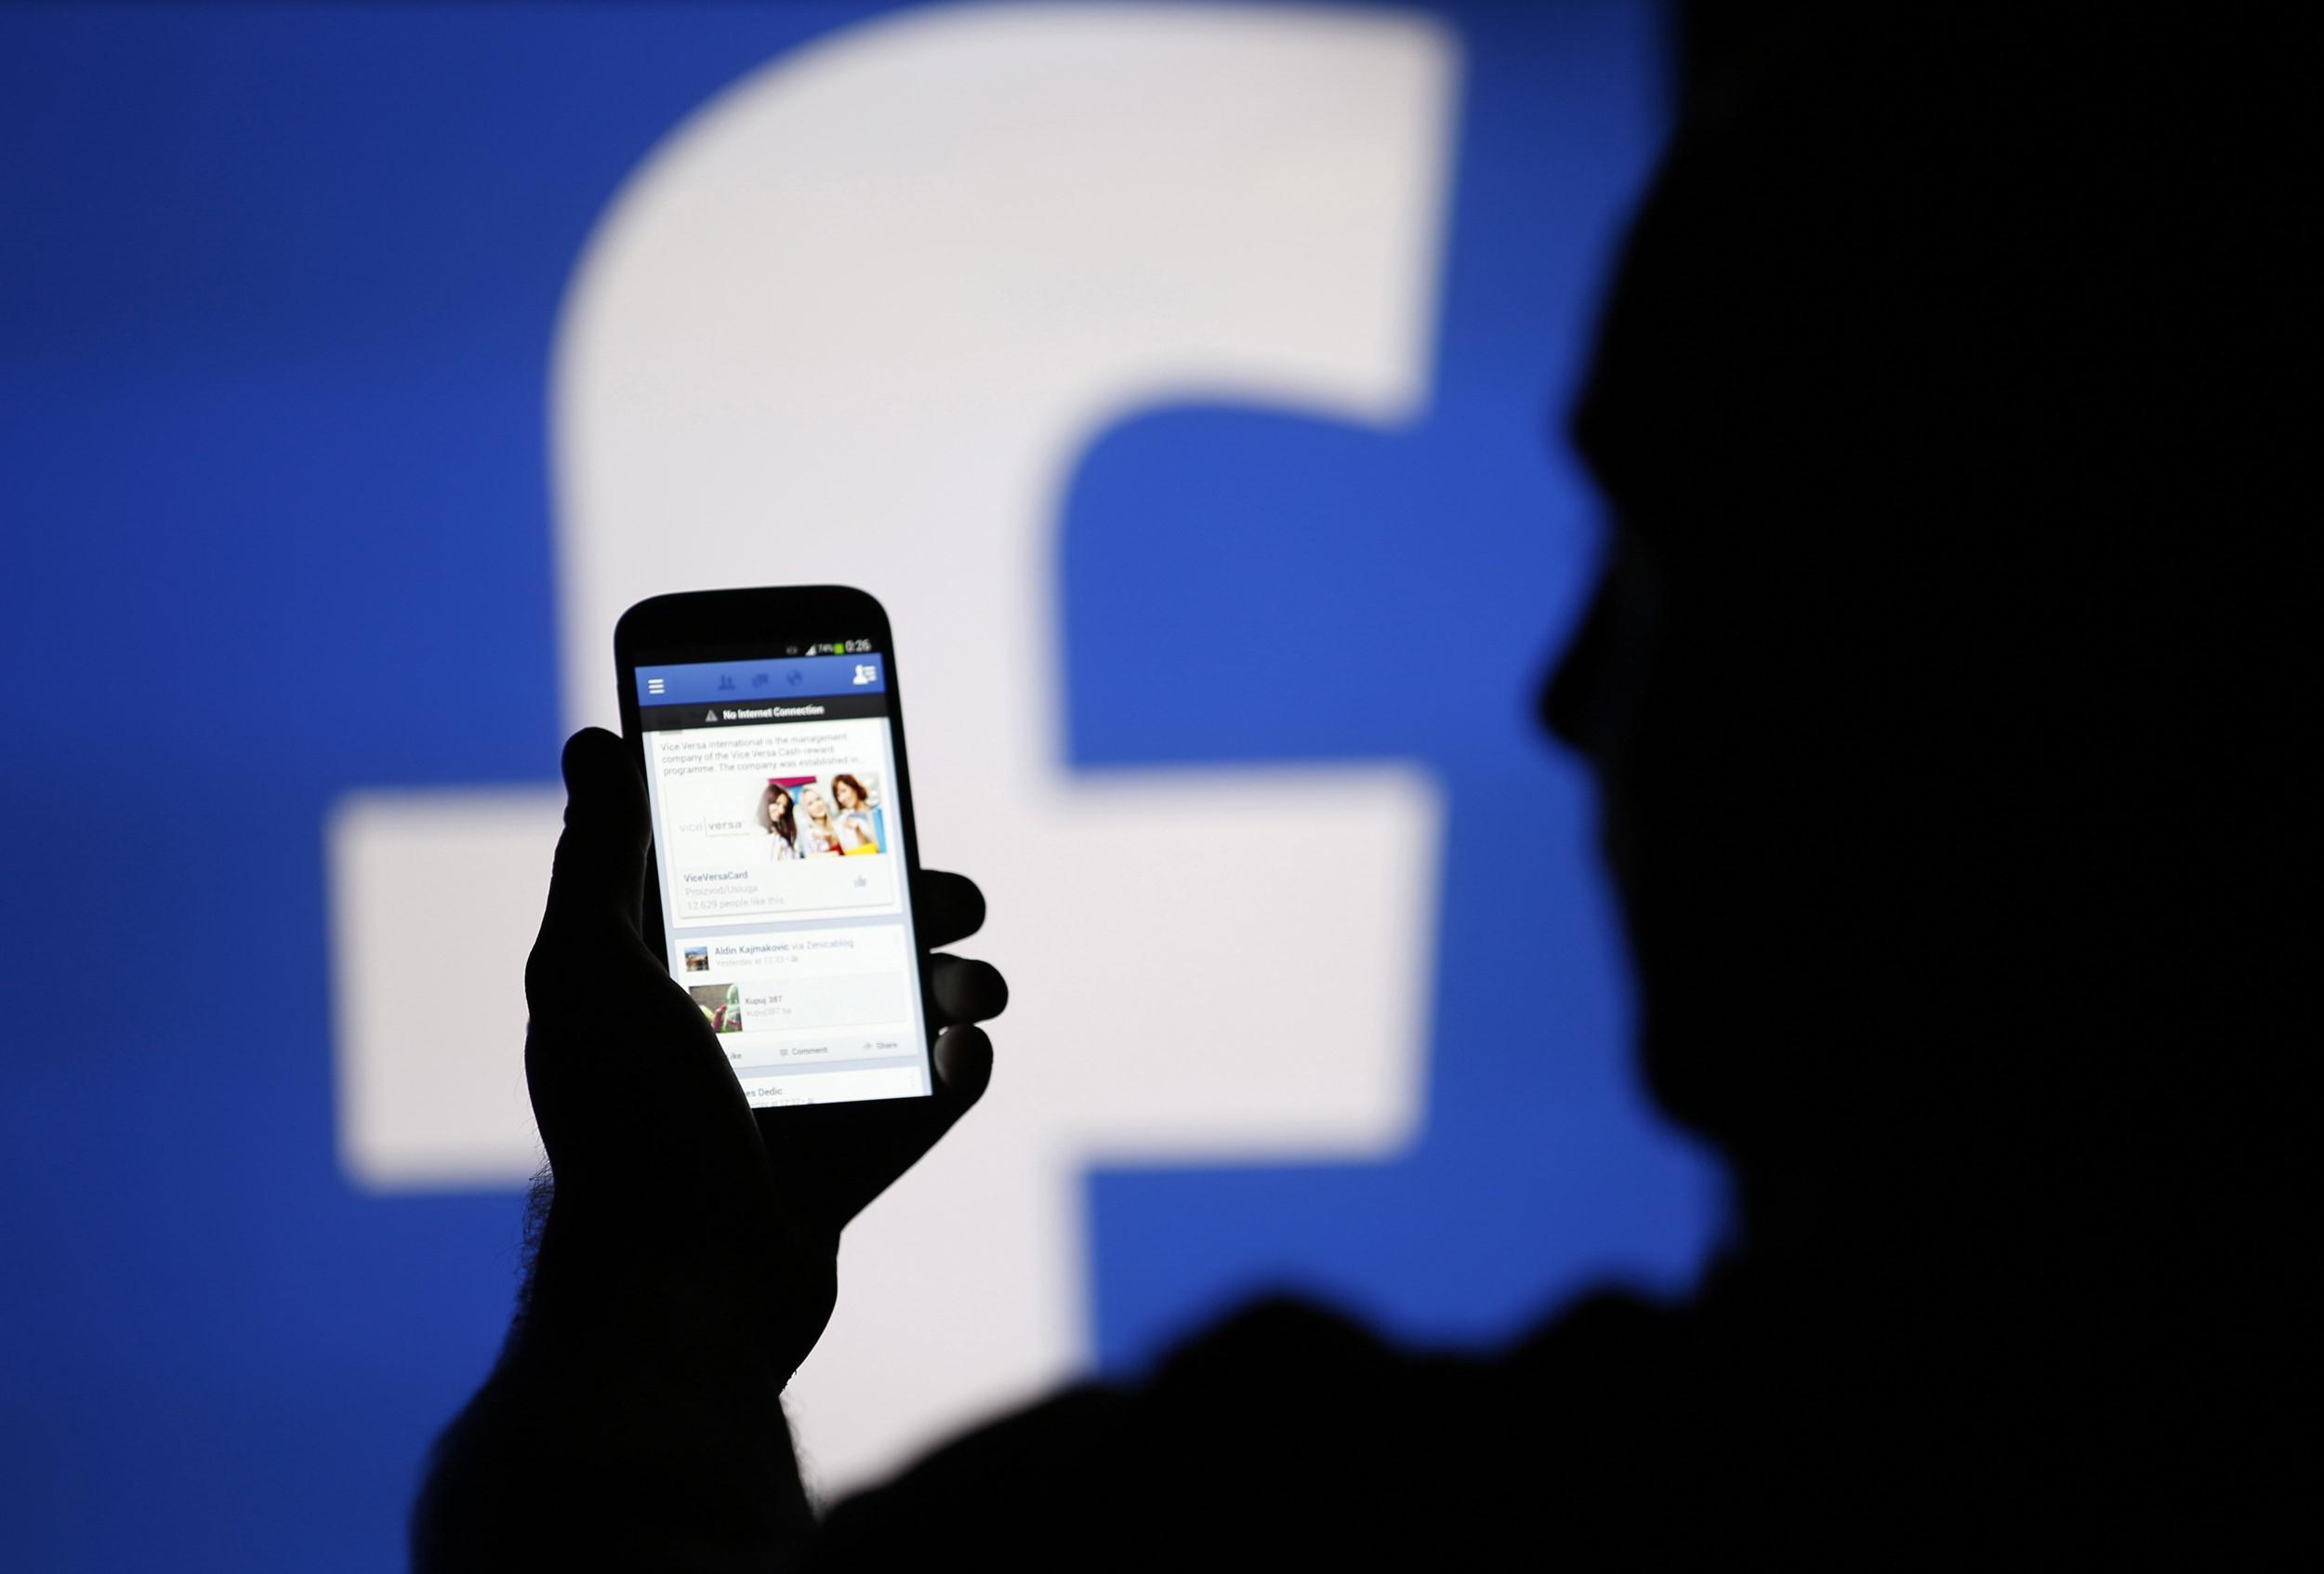 Extensão 'dedura' tudo o que o Facebook sabe sobre suas fotos; confira